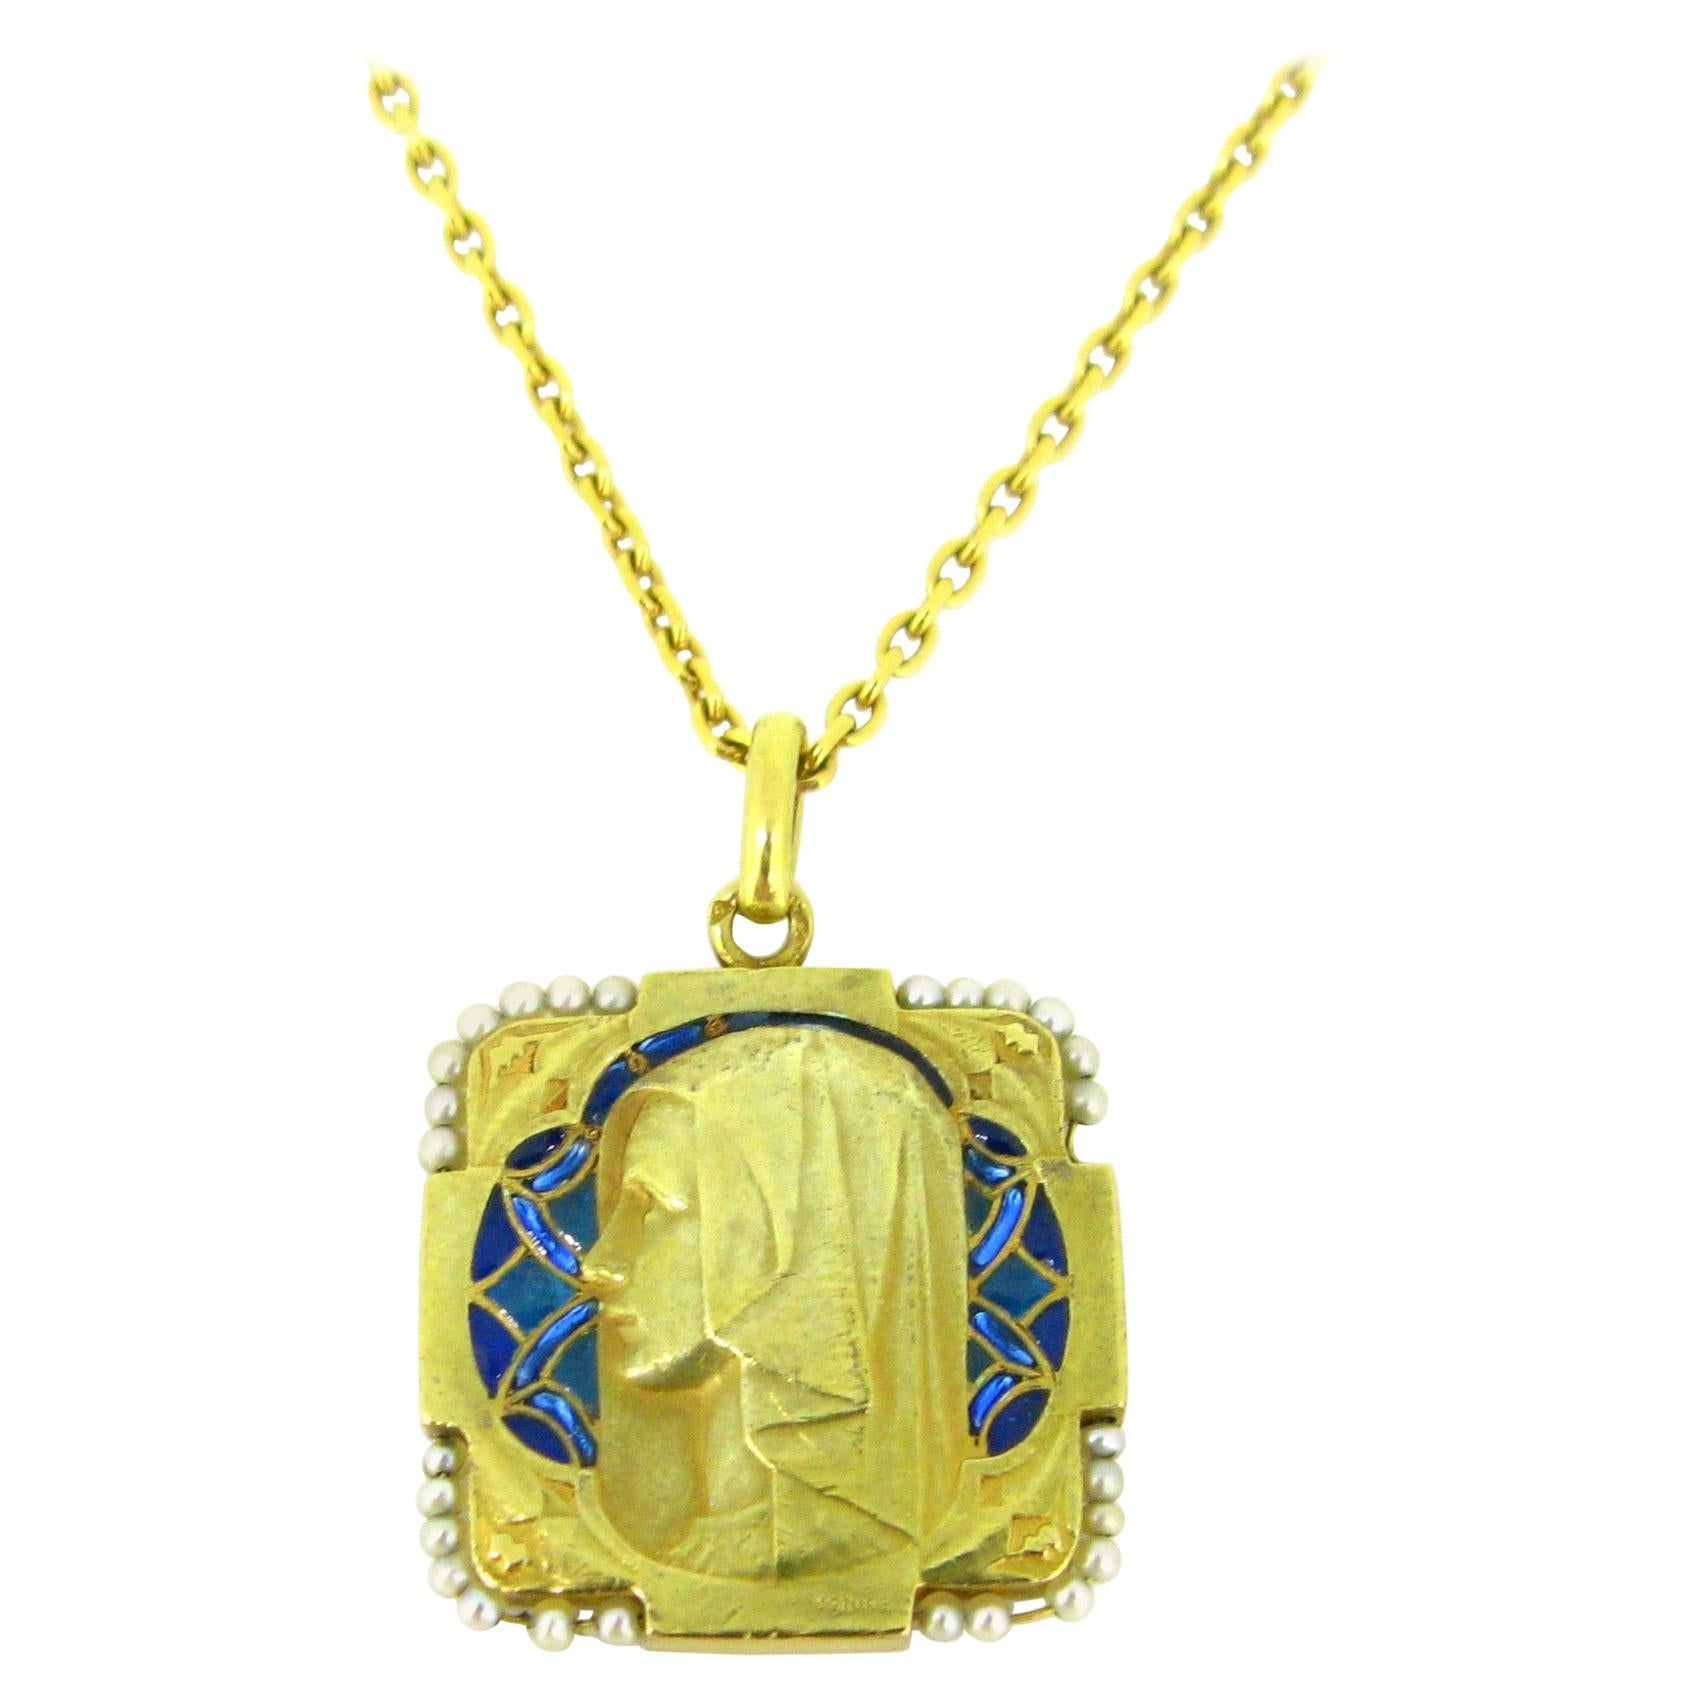 Art Nouveau Plique a Jour Enamel Pearl Yellow Gold Medal Pendant